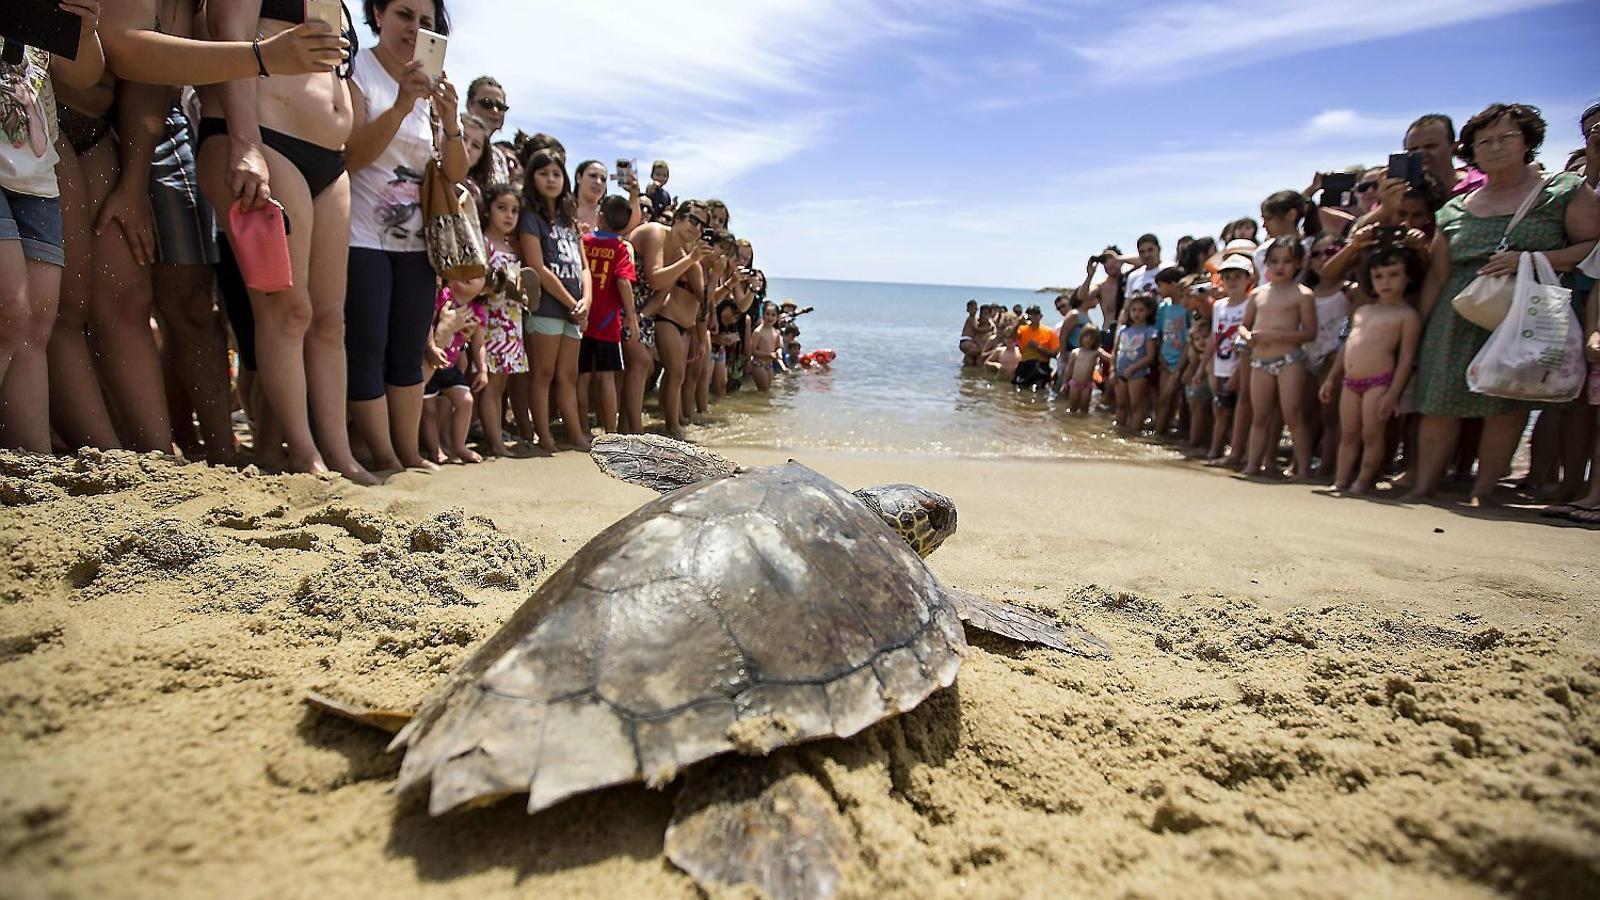 Un exemplar de tortuga babaua que aquest juny va ser deixat en llibertat a la platja del municipi valencià de Puçol.